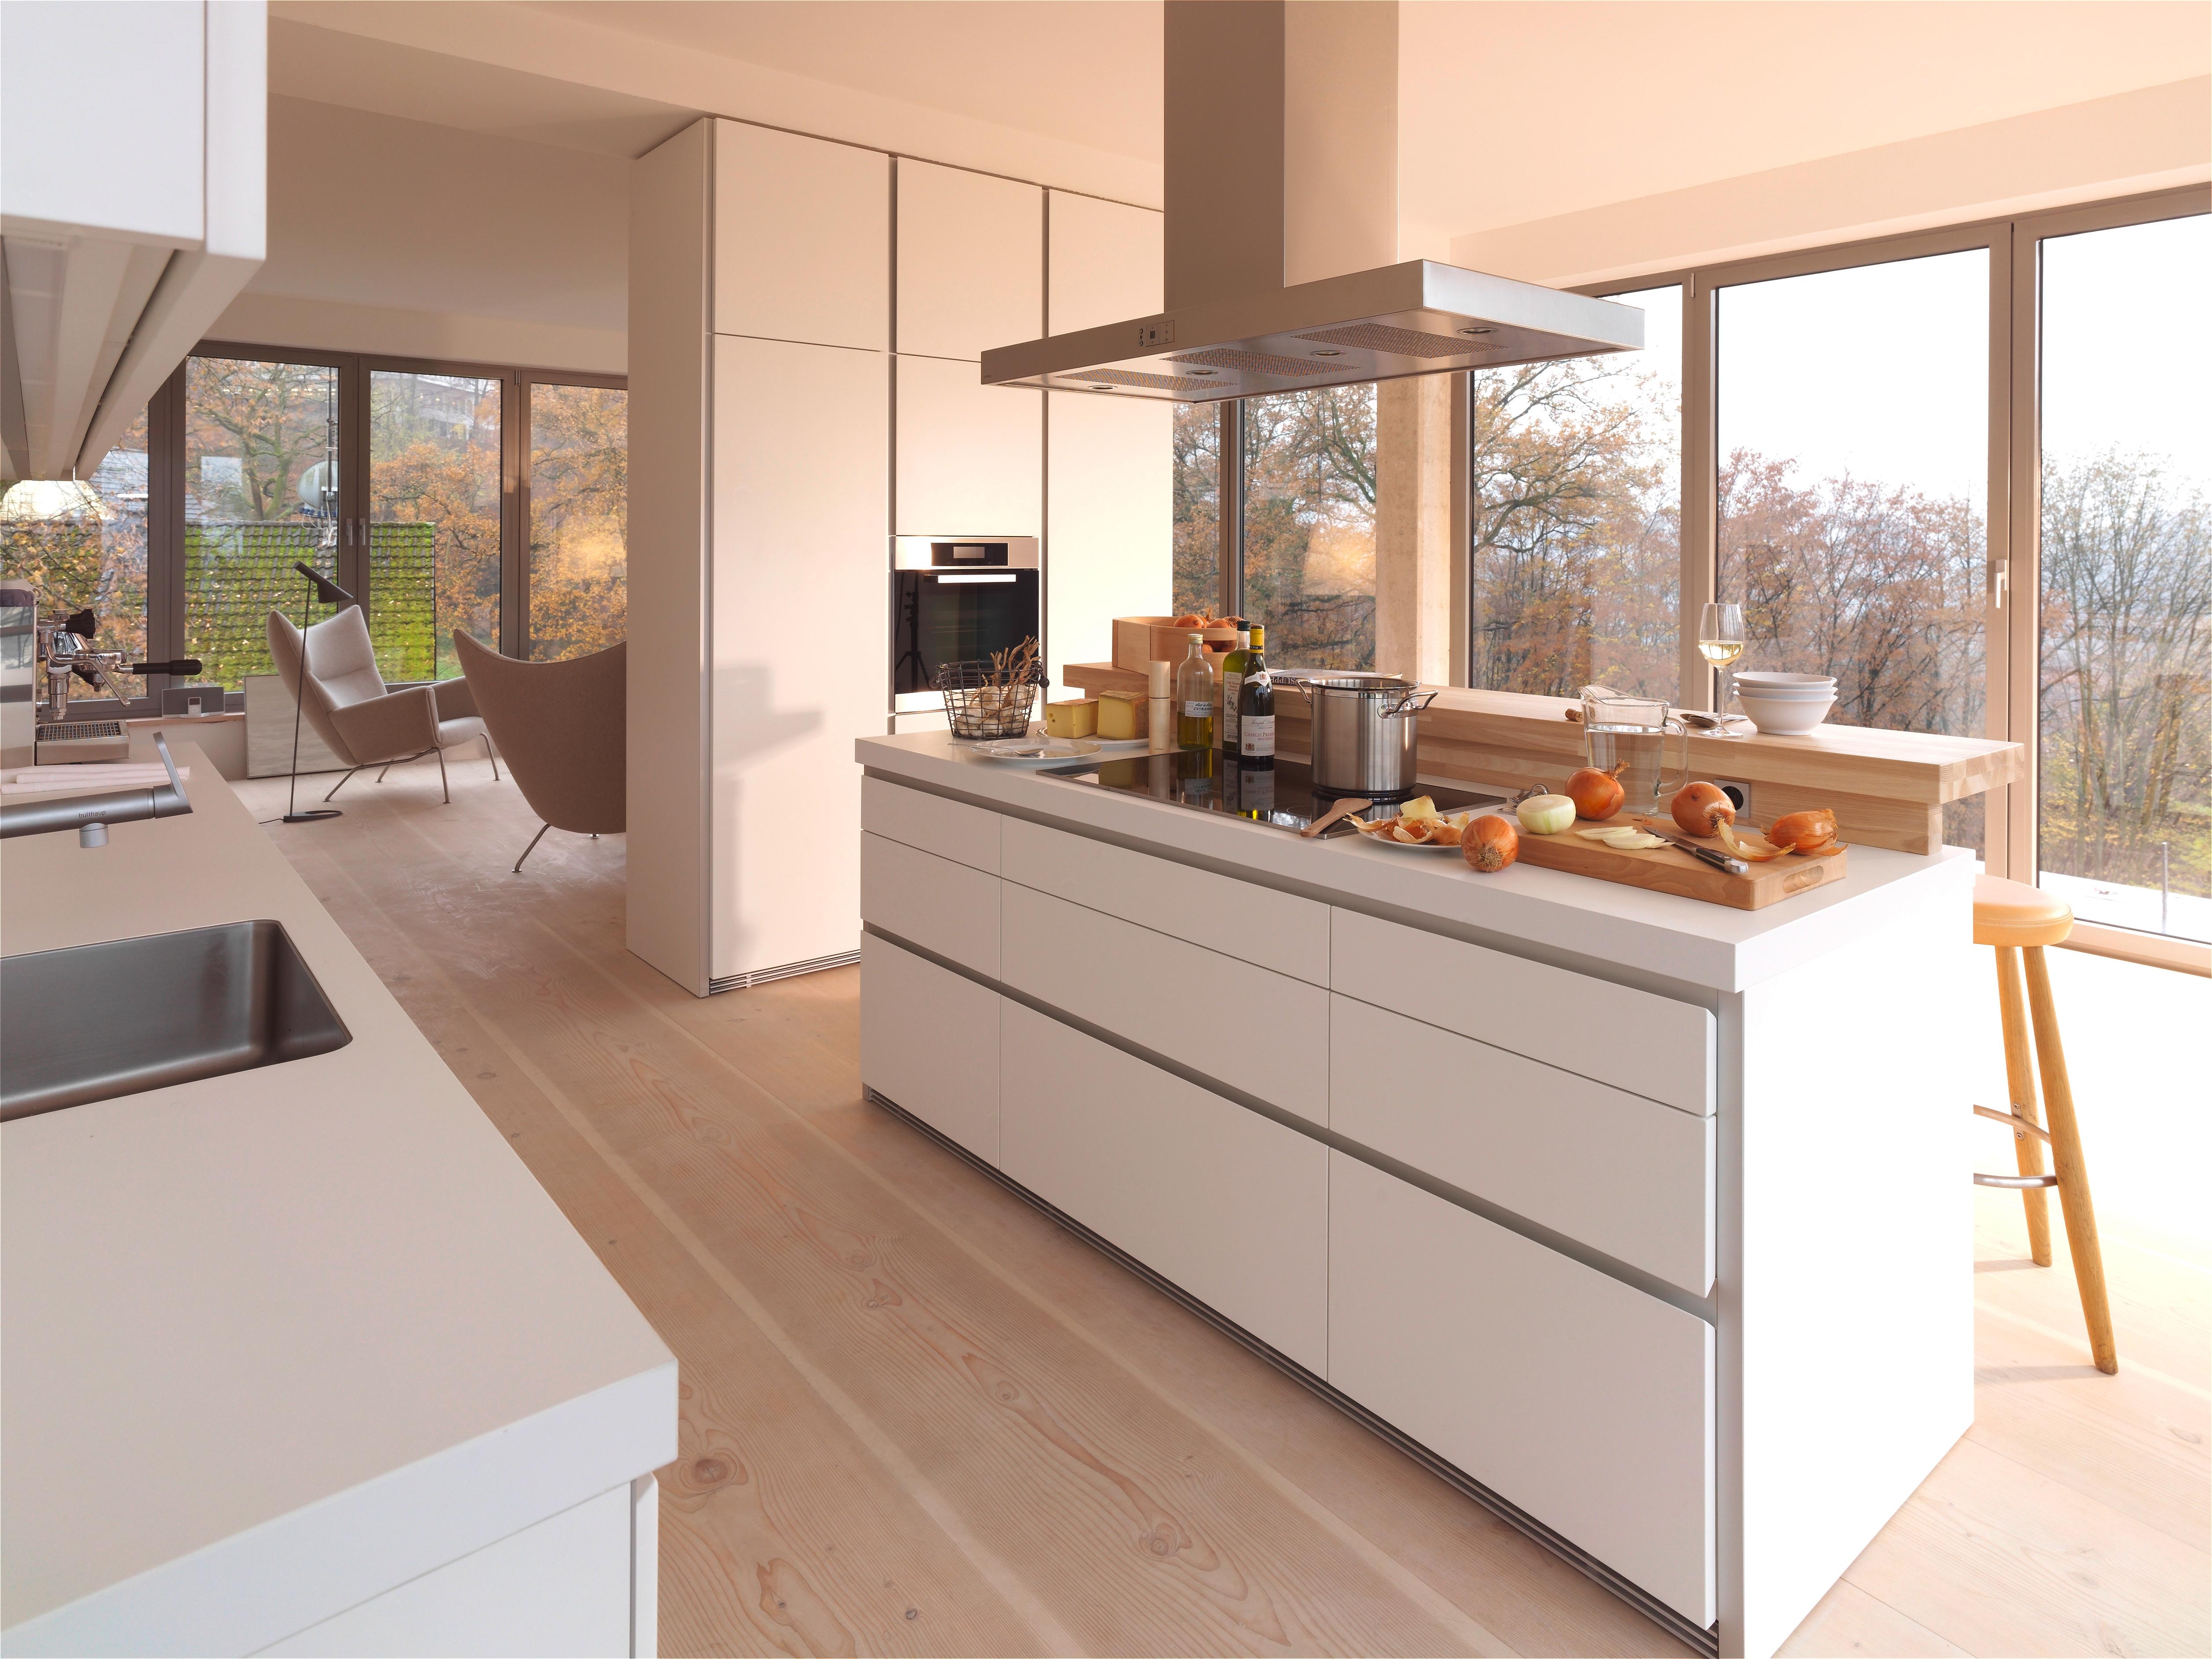 Современные кухни обладают отличным функционалом и дизайном